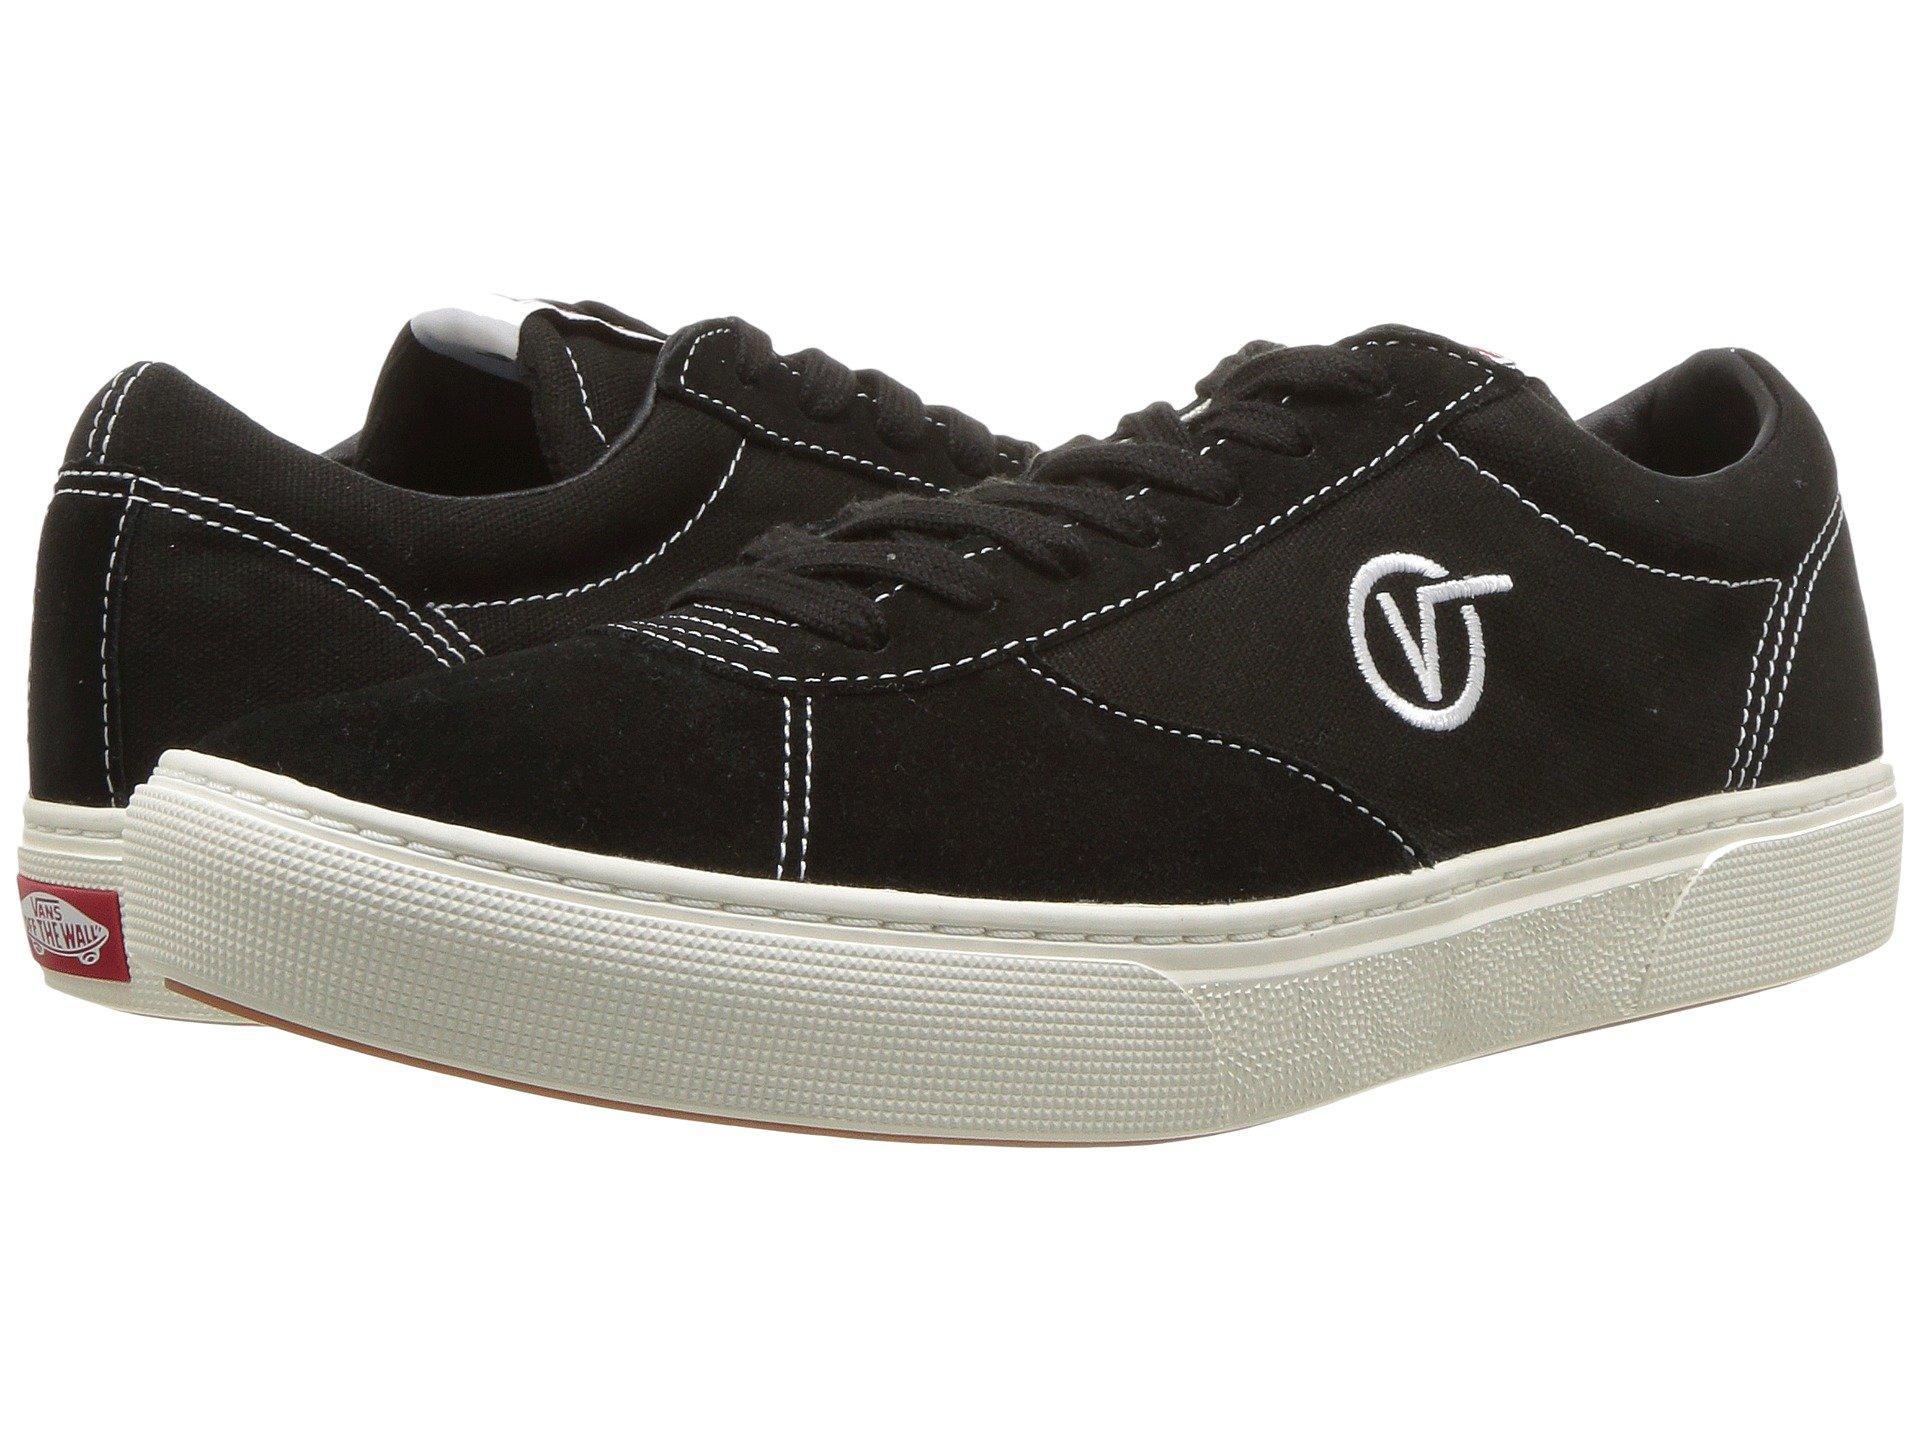 d602e00ef51 Lyst - Vans Paradoxxx (black gum) Shoes in Black for Men